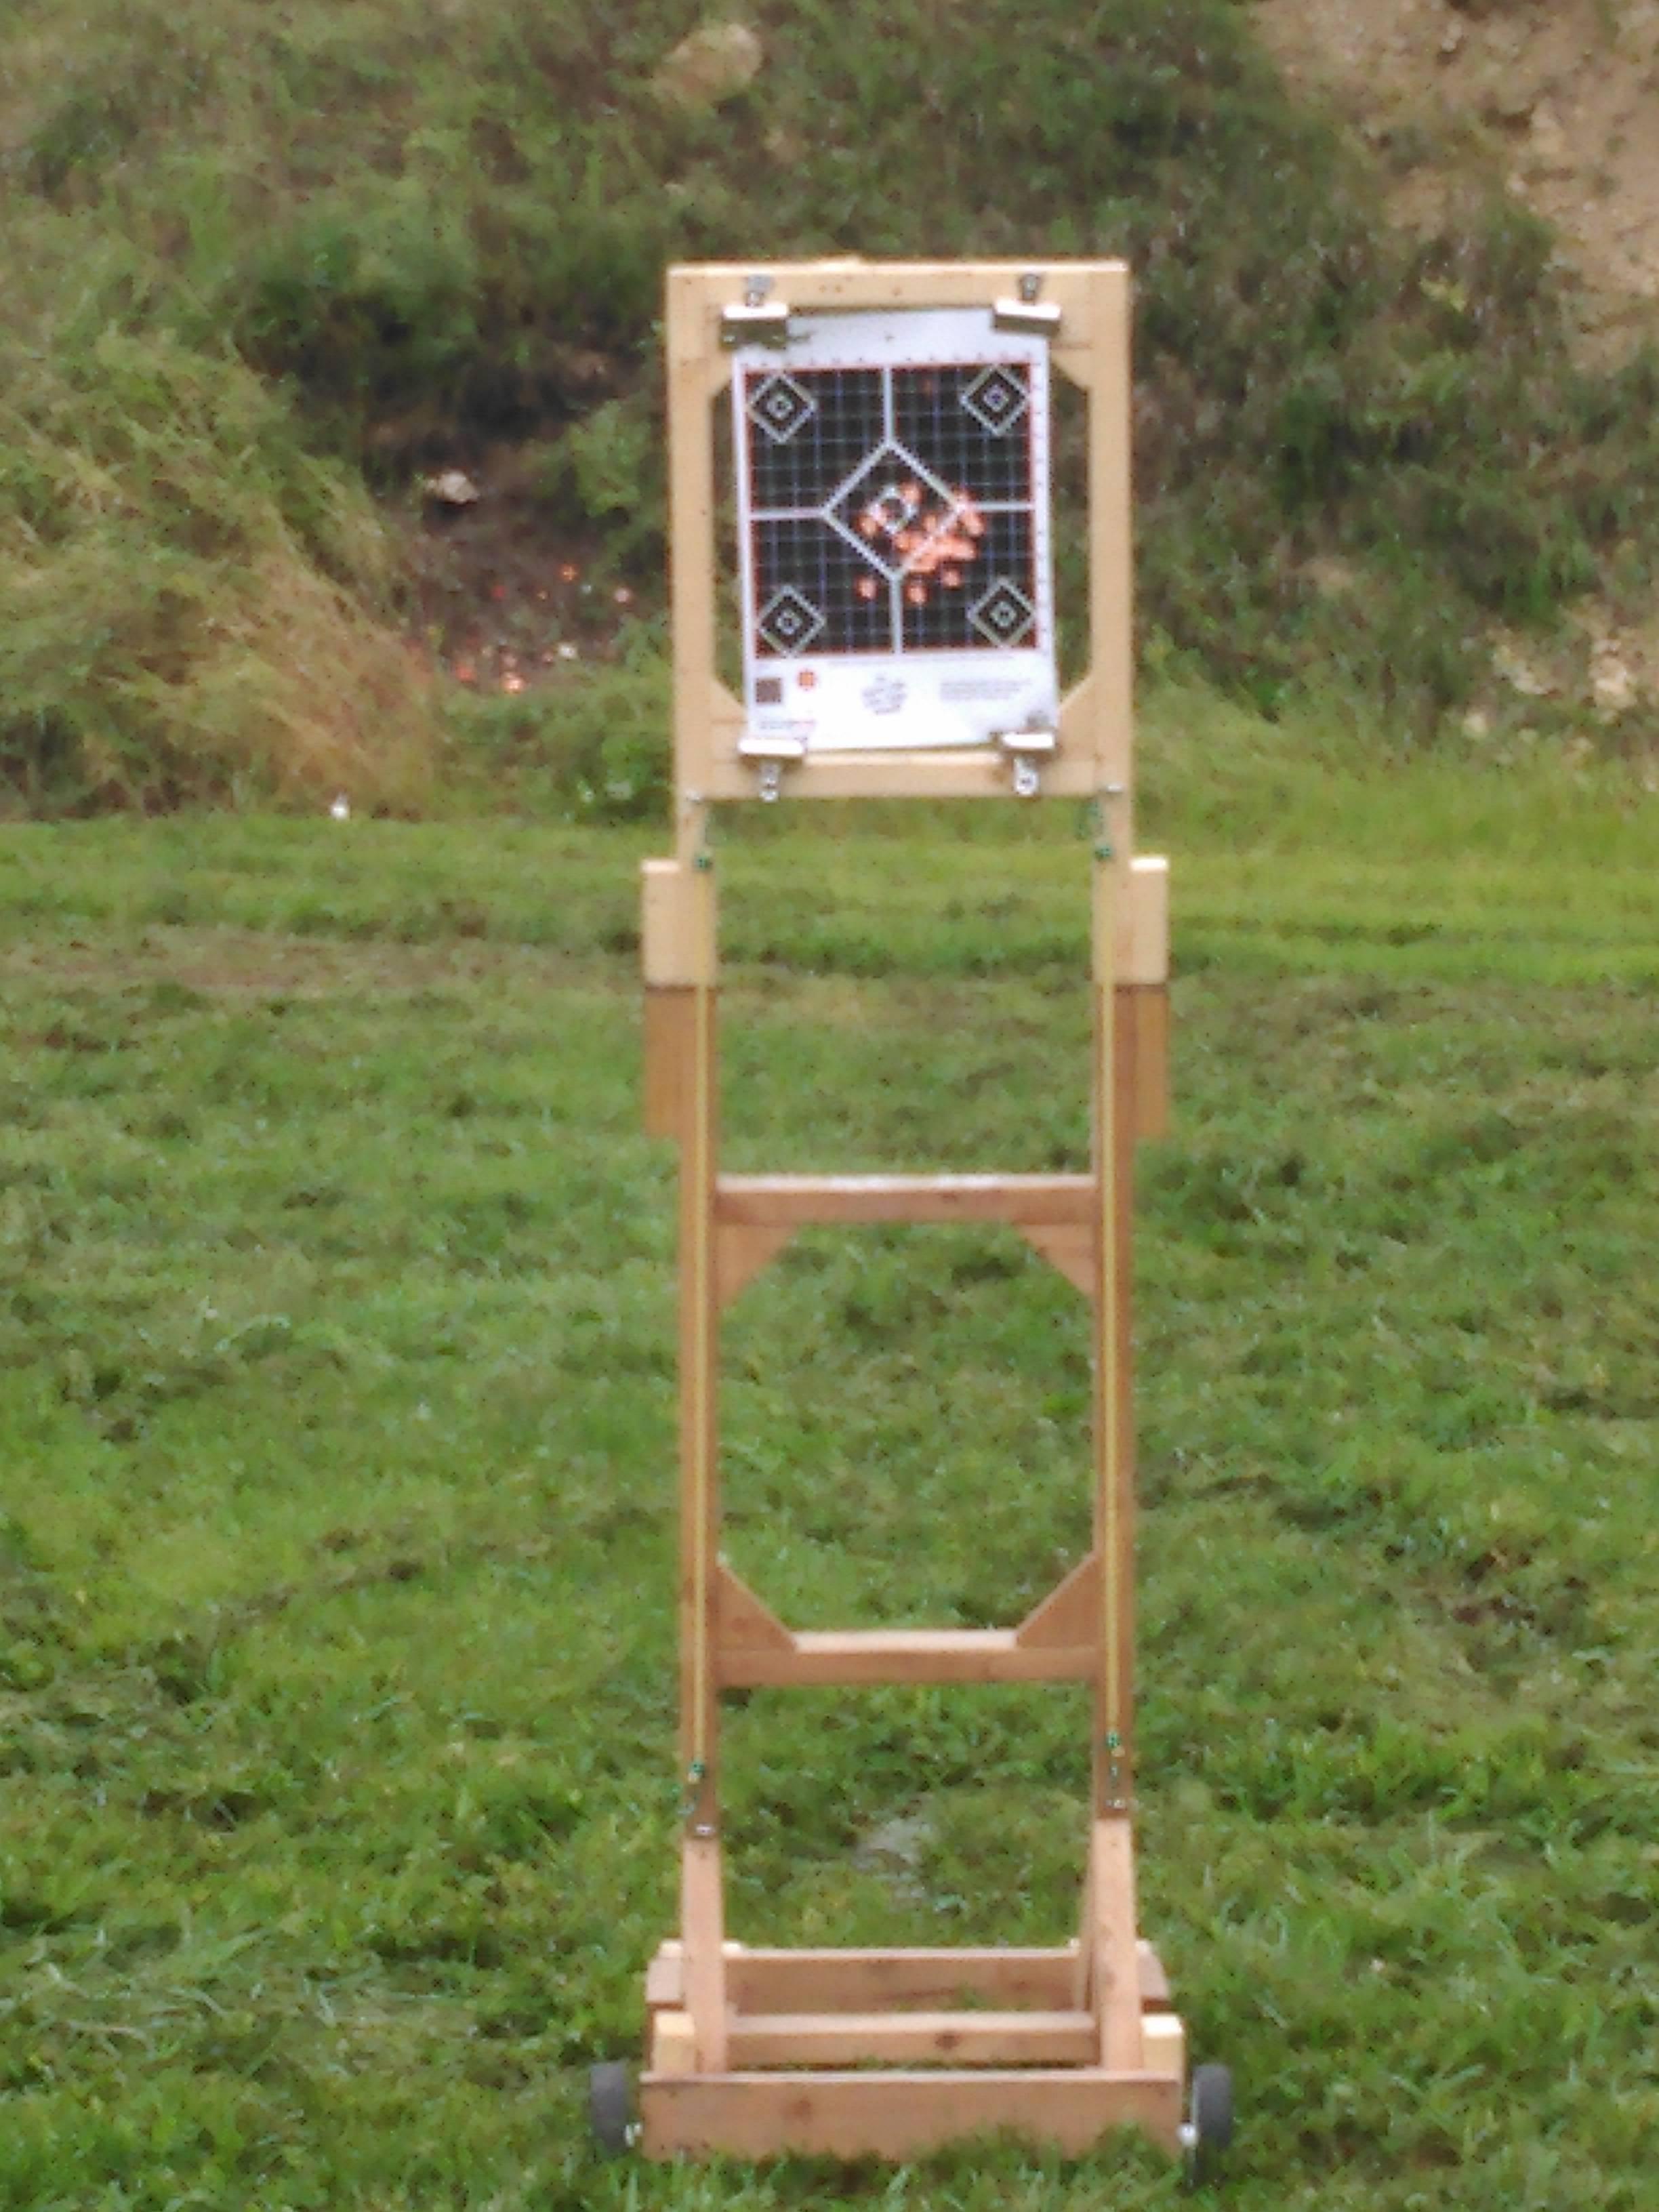 Targets-kimg0035.jpg